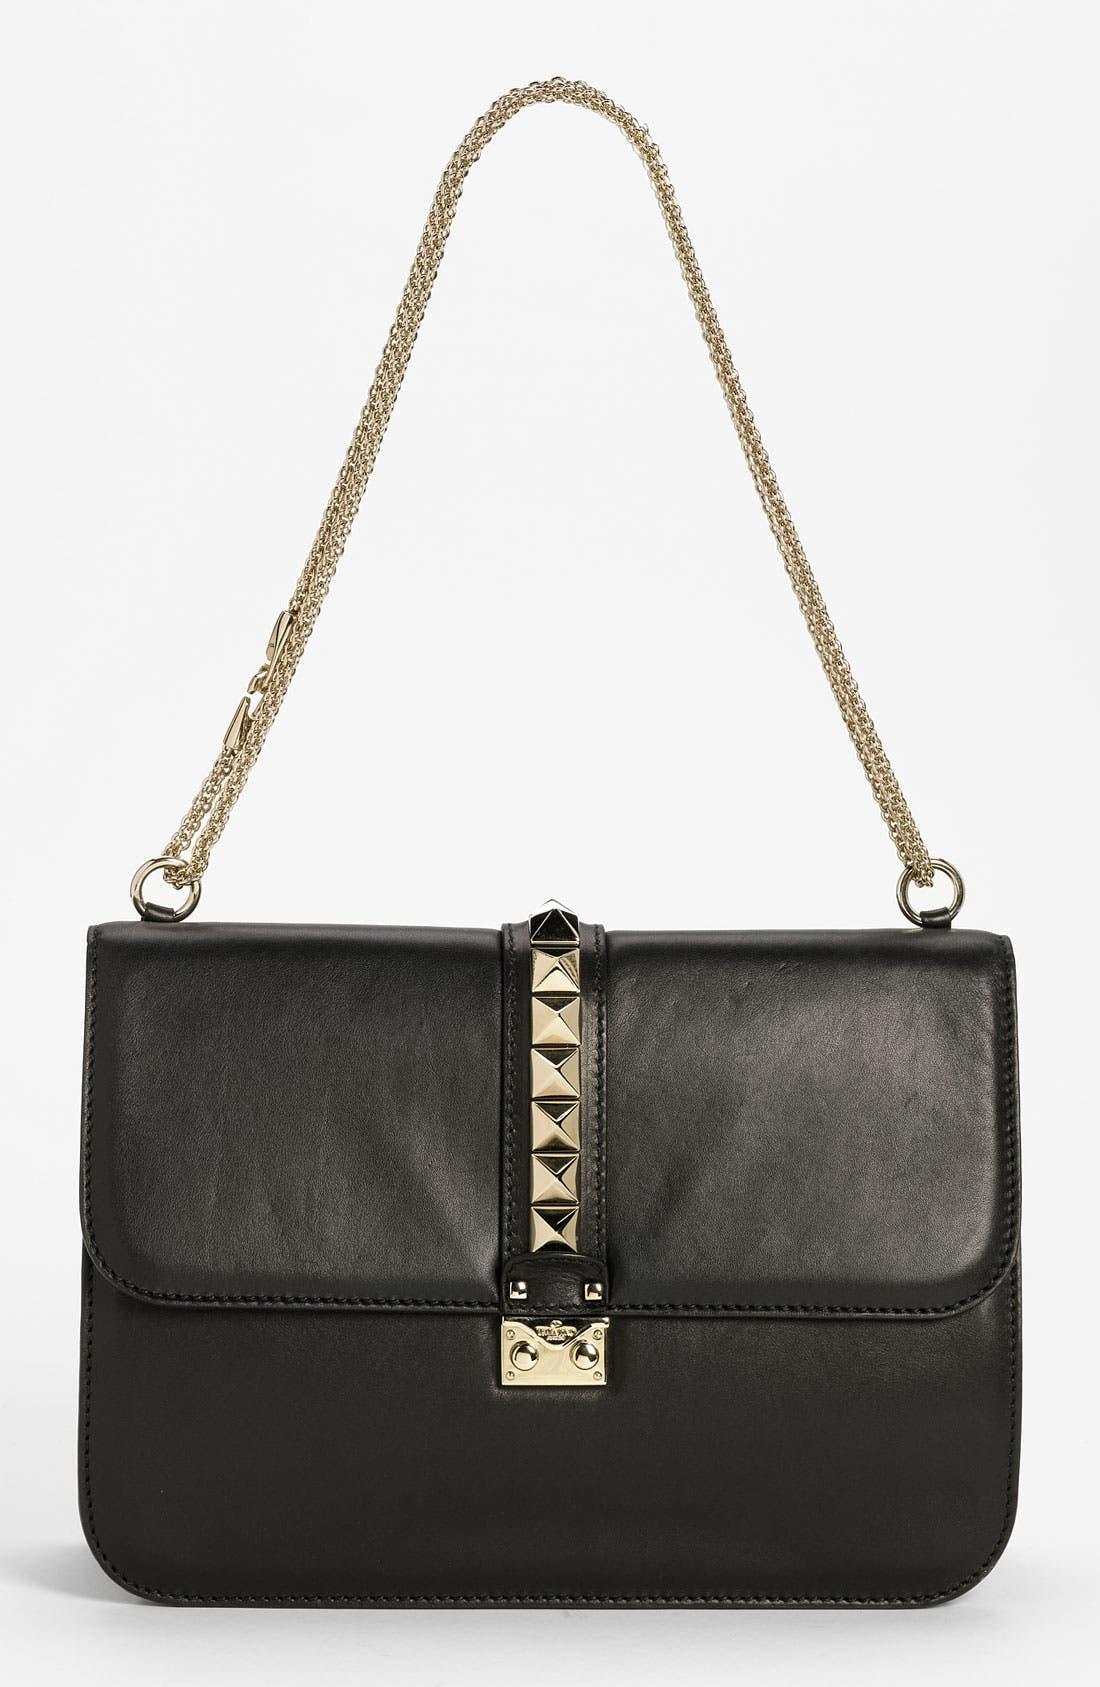 Alternate Image 1 Selected - Valentino 'Grande Lock' Leather Shoulder Bag